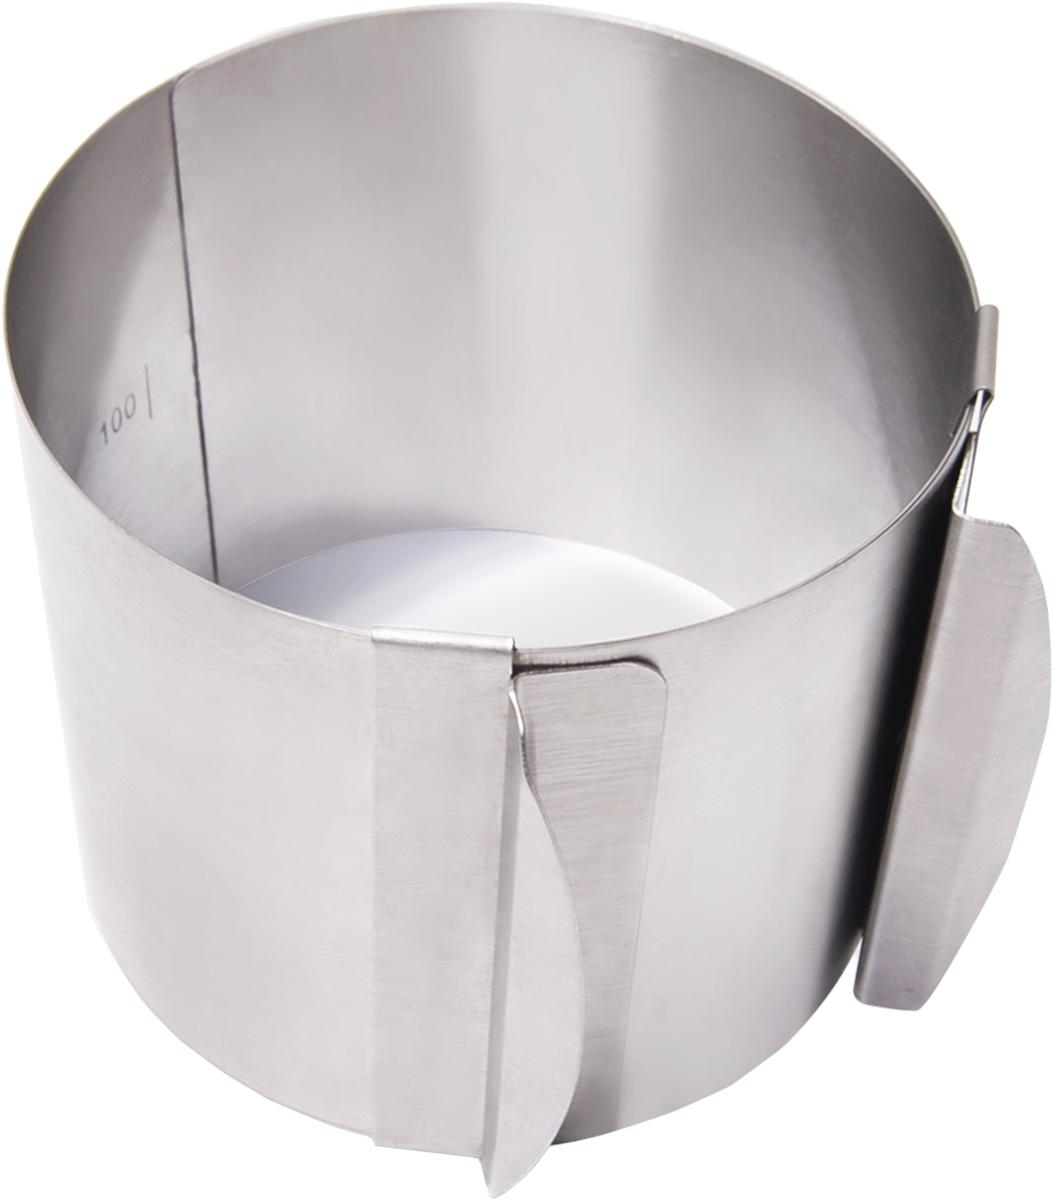 Кольцо кулинарное регулируемое Fissman, с прессом, диаметр 8-16 см